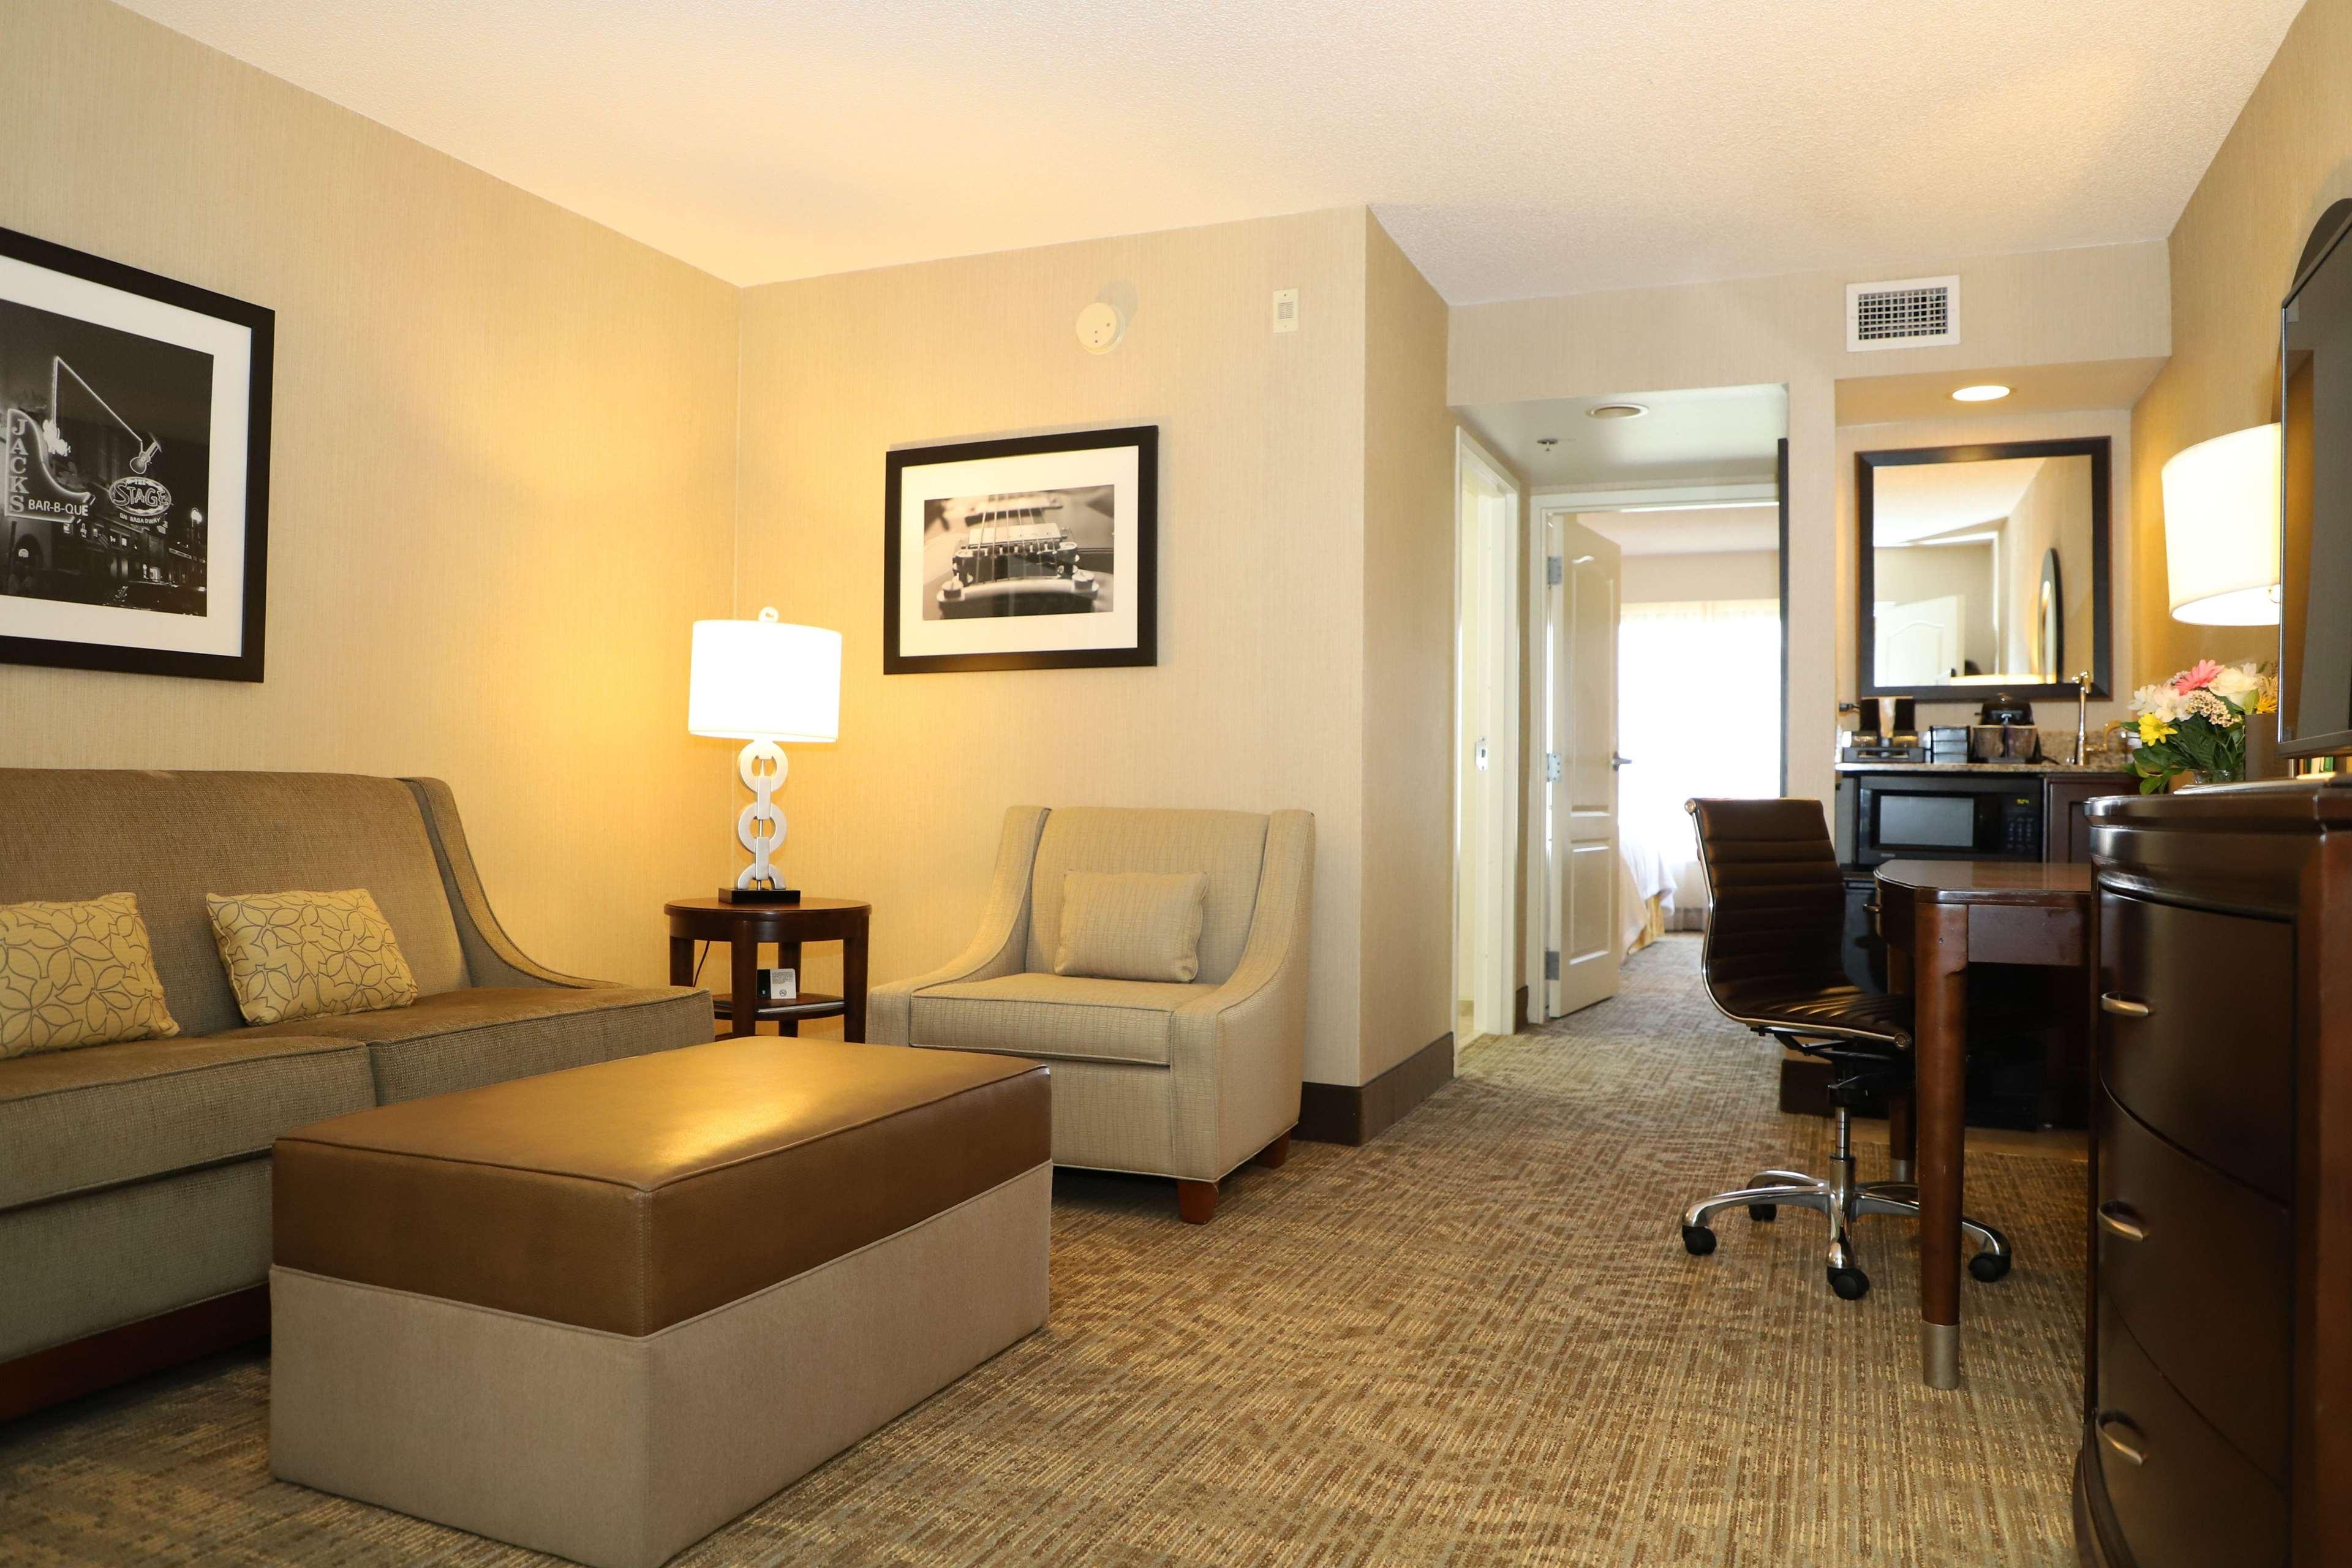 Embassy Suites by Hilton Nashville at Vanderbilt image 38